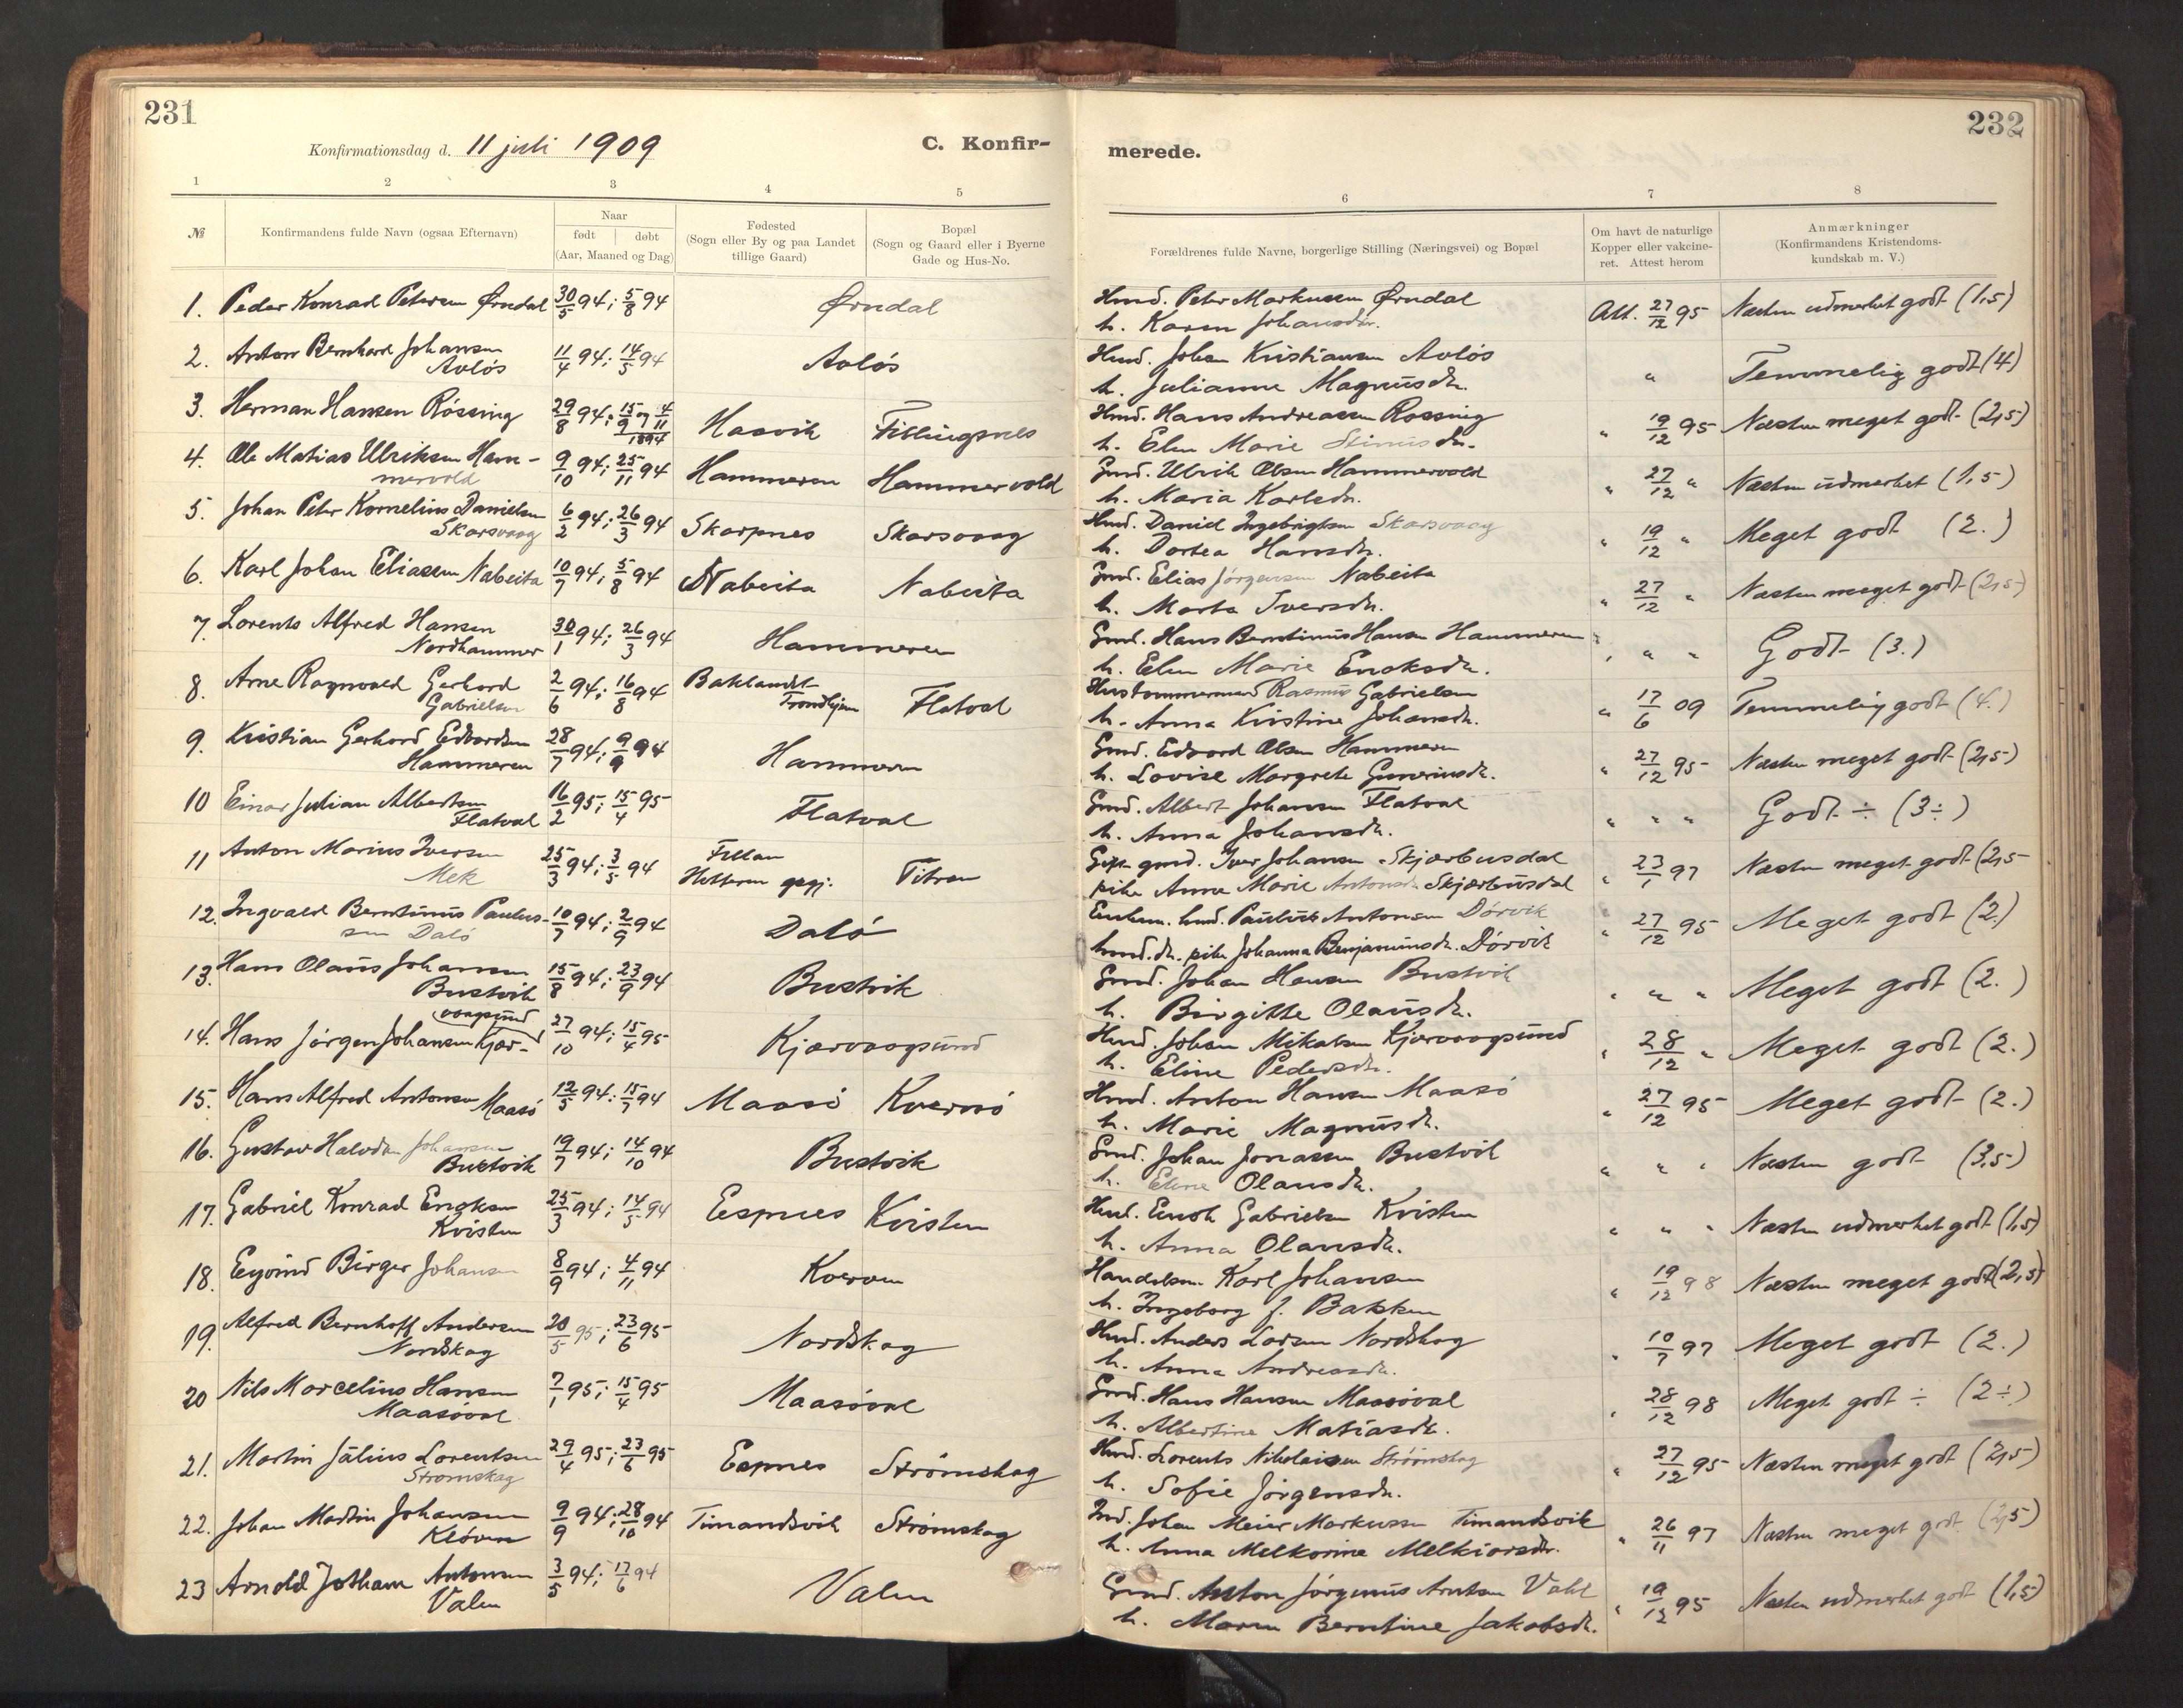 SAT, Ministerialprotokoller, klokkerbøker og fødselsregistre - Sør-Trøndelag, 641/L0596: Ministerialbok nr. 641A02, 1898-1915, s. 231-232